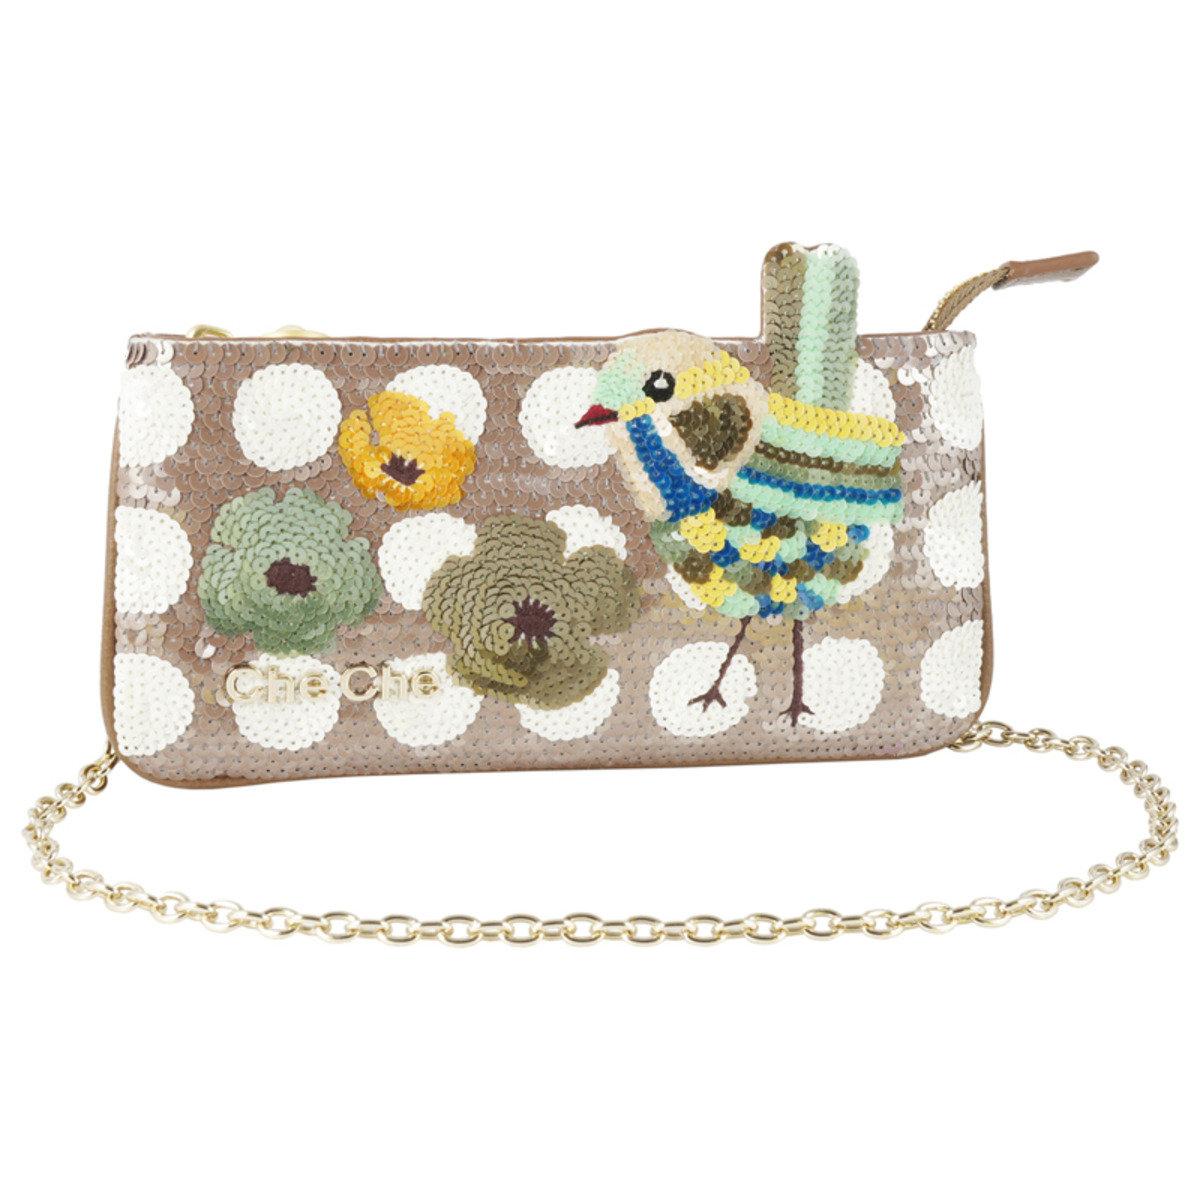 燕雀手工釘珠片斜揹錢包袋